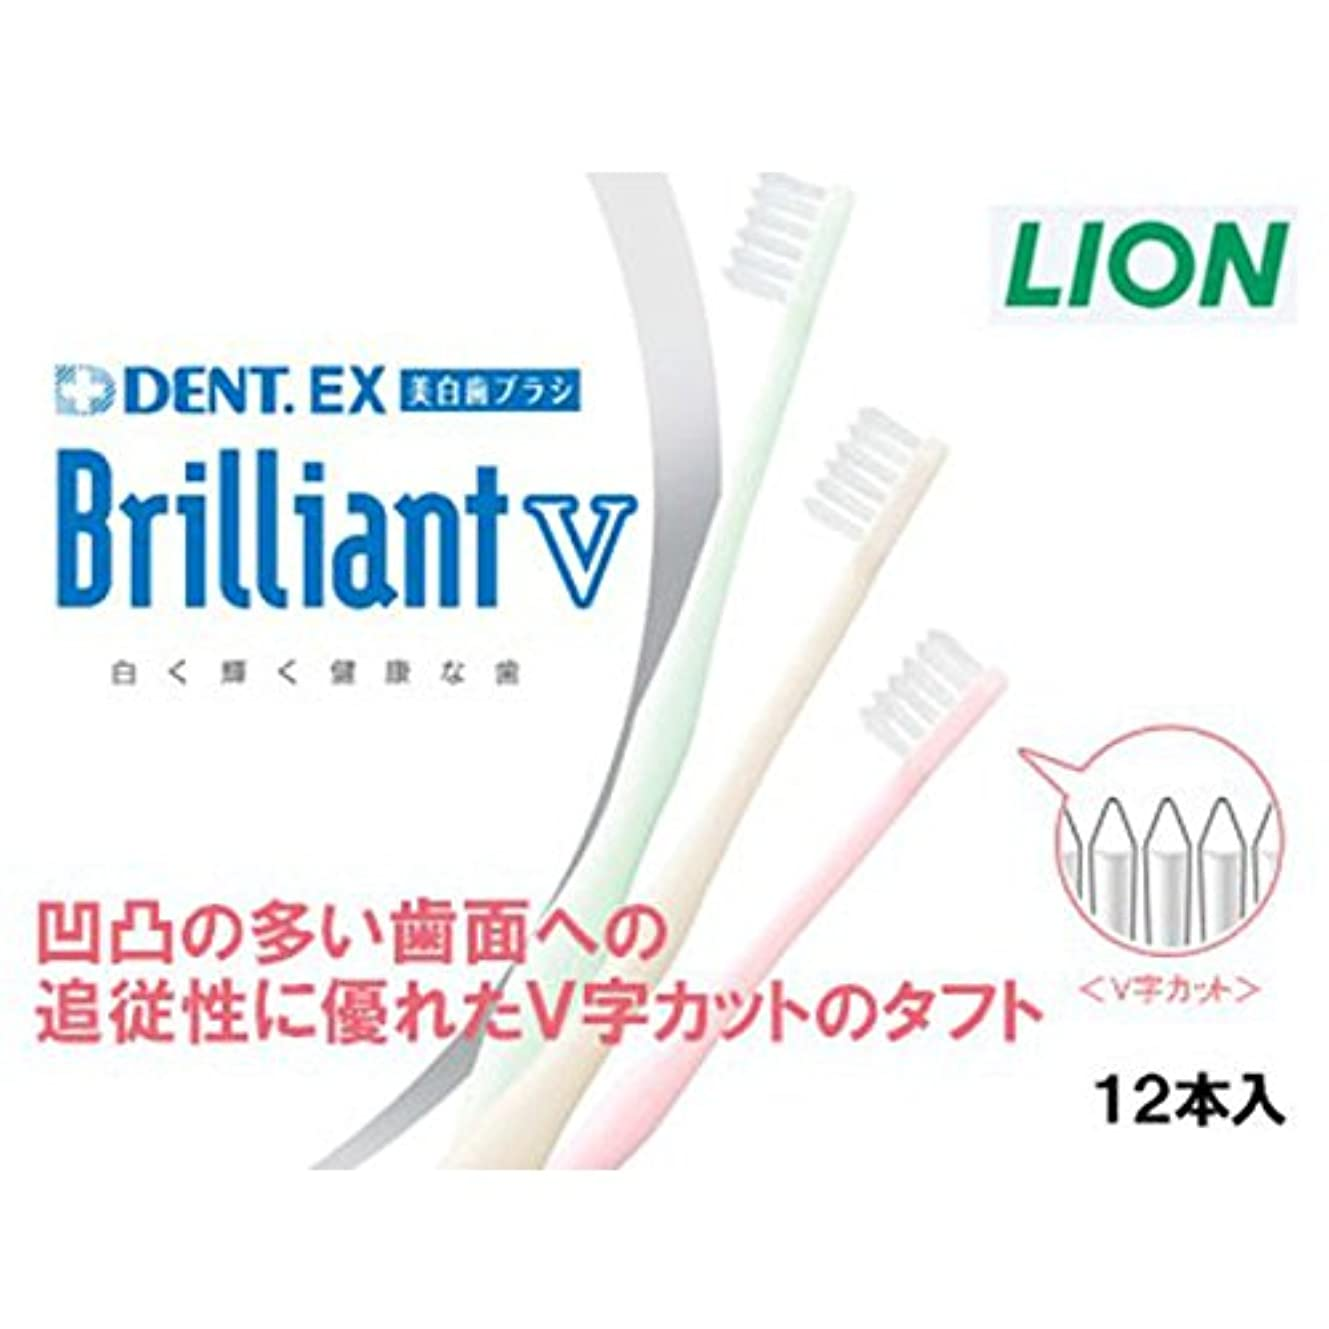 難民十ソースライオン ブリリアントV 歯ブラシ DENT.EX BrilliantV 12本